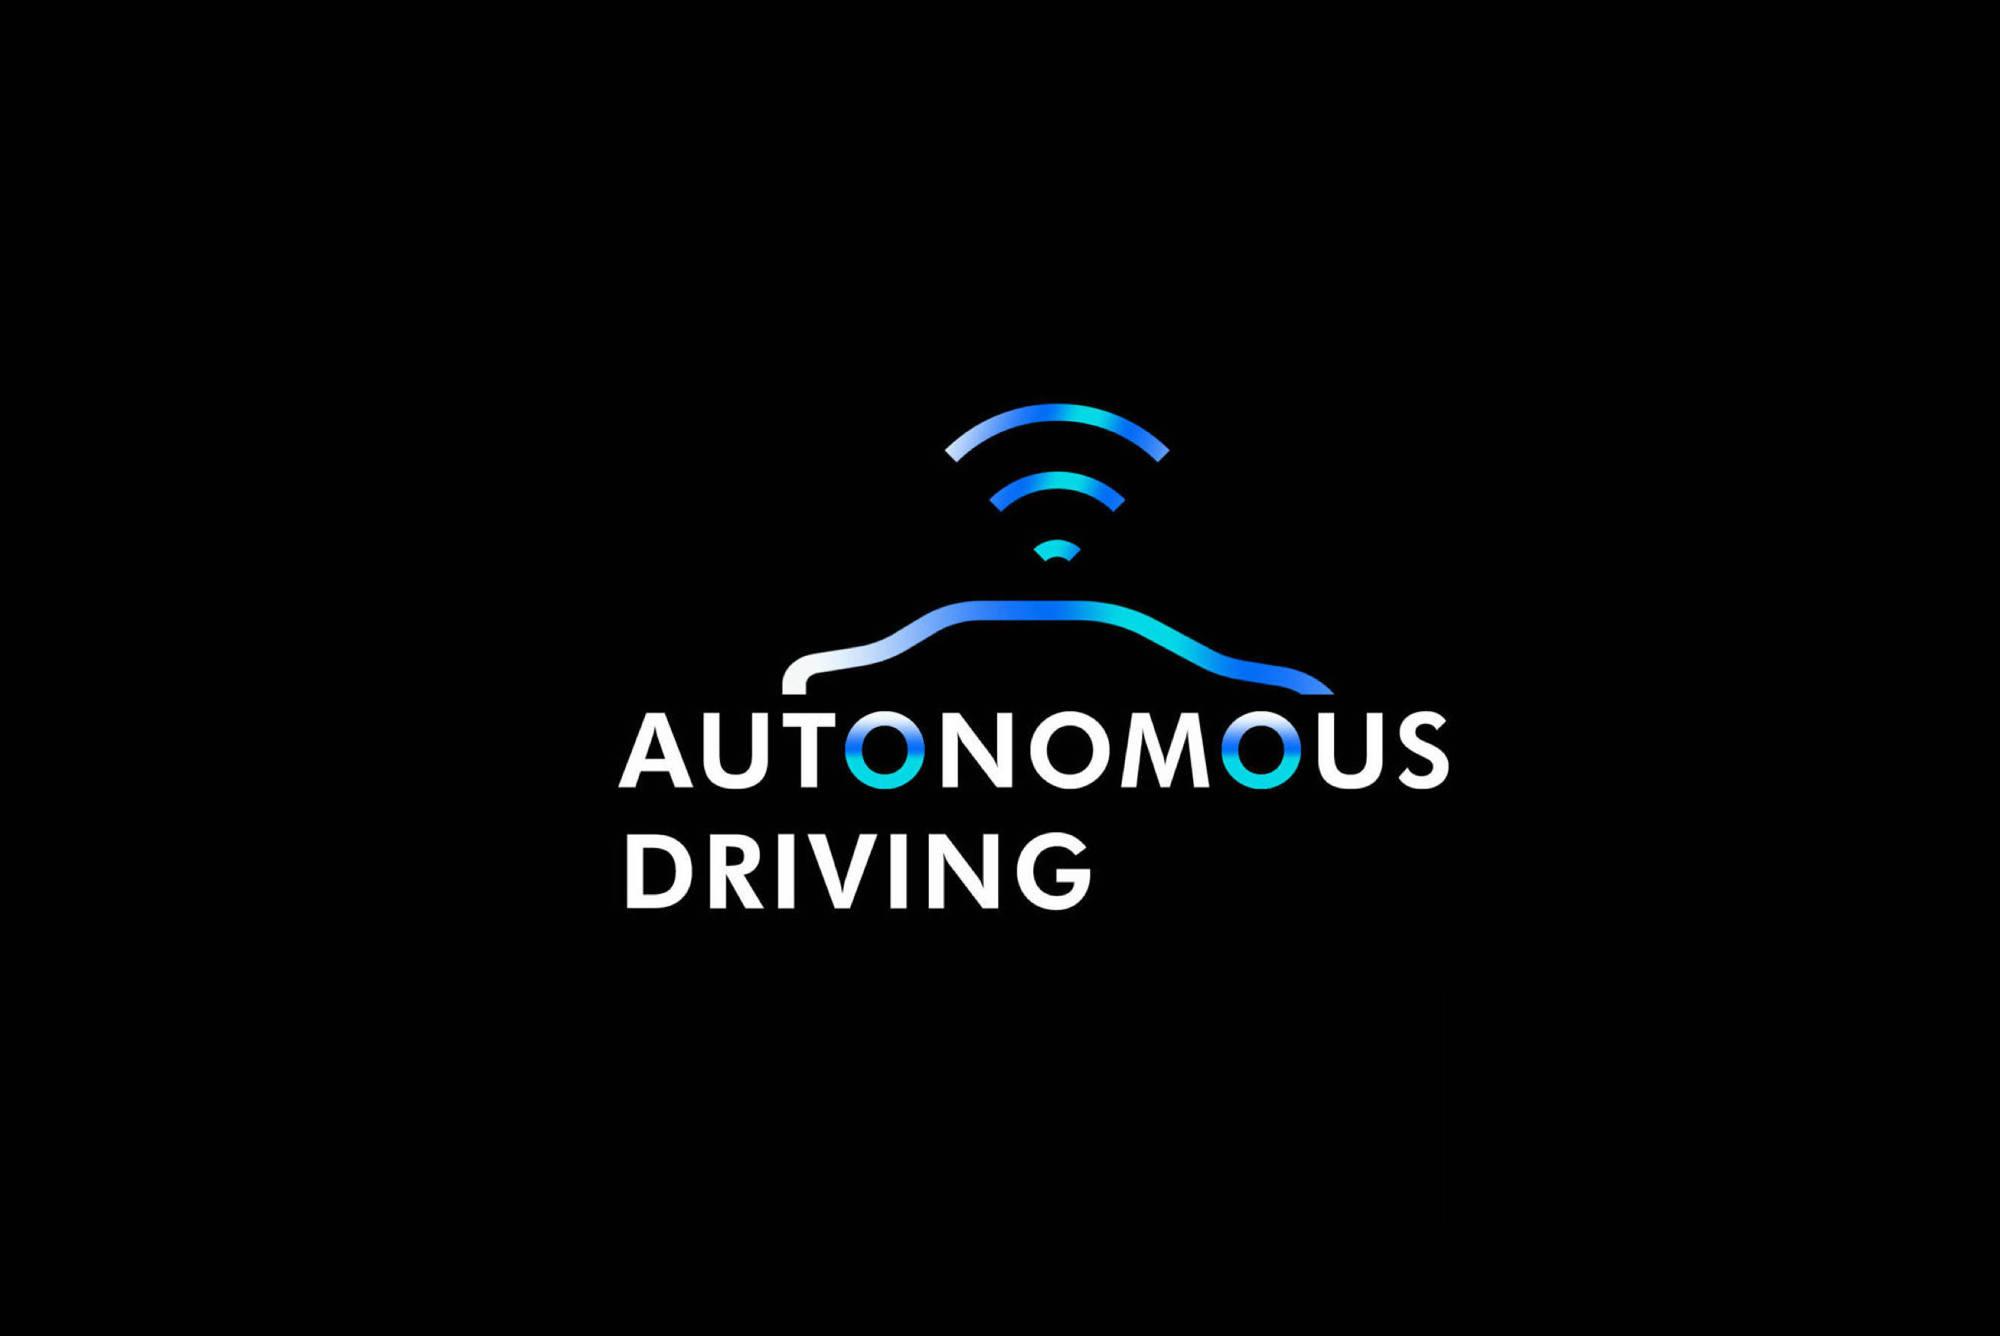 autonomousdriving_en